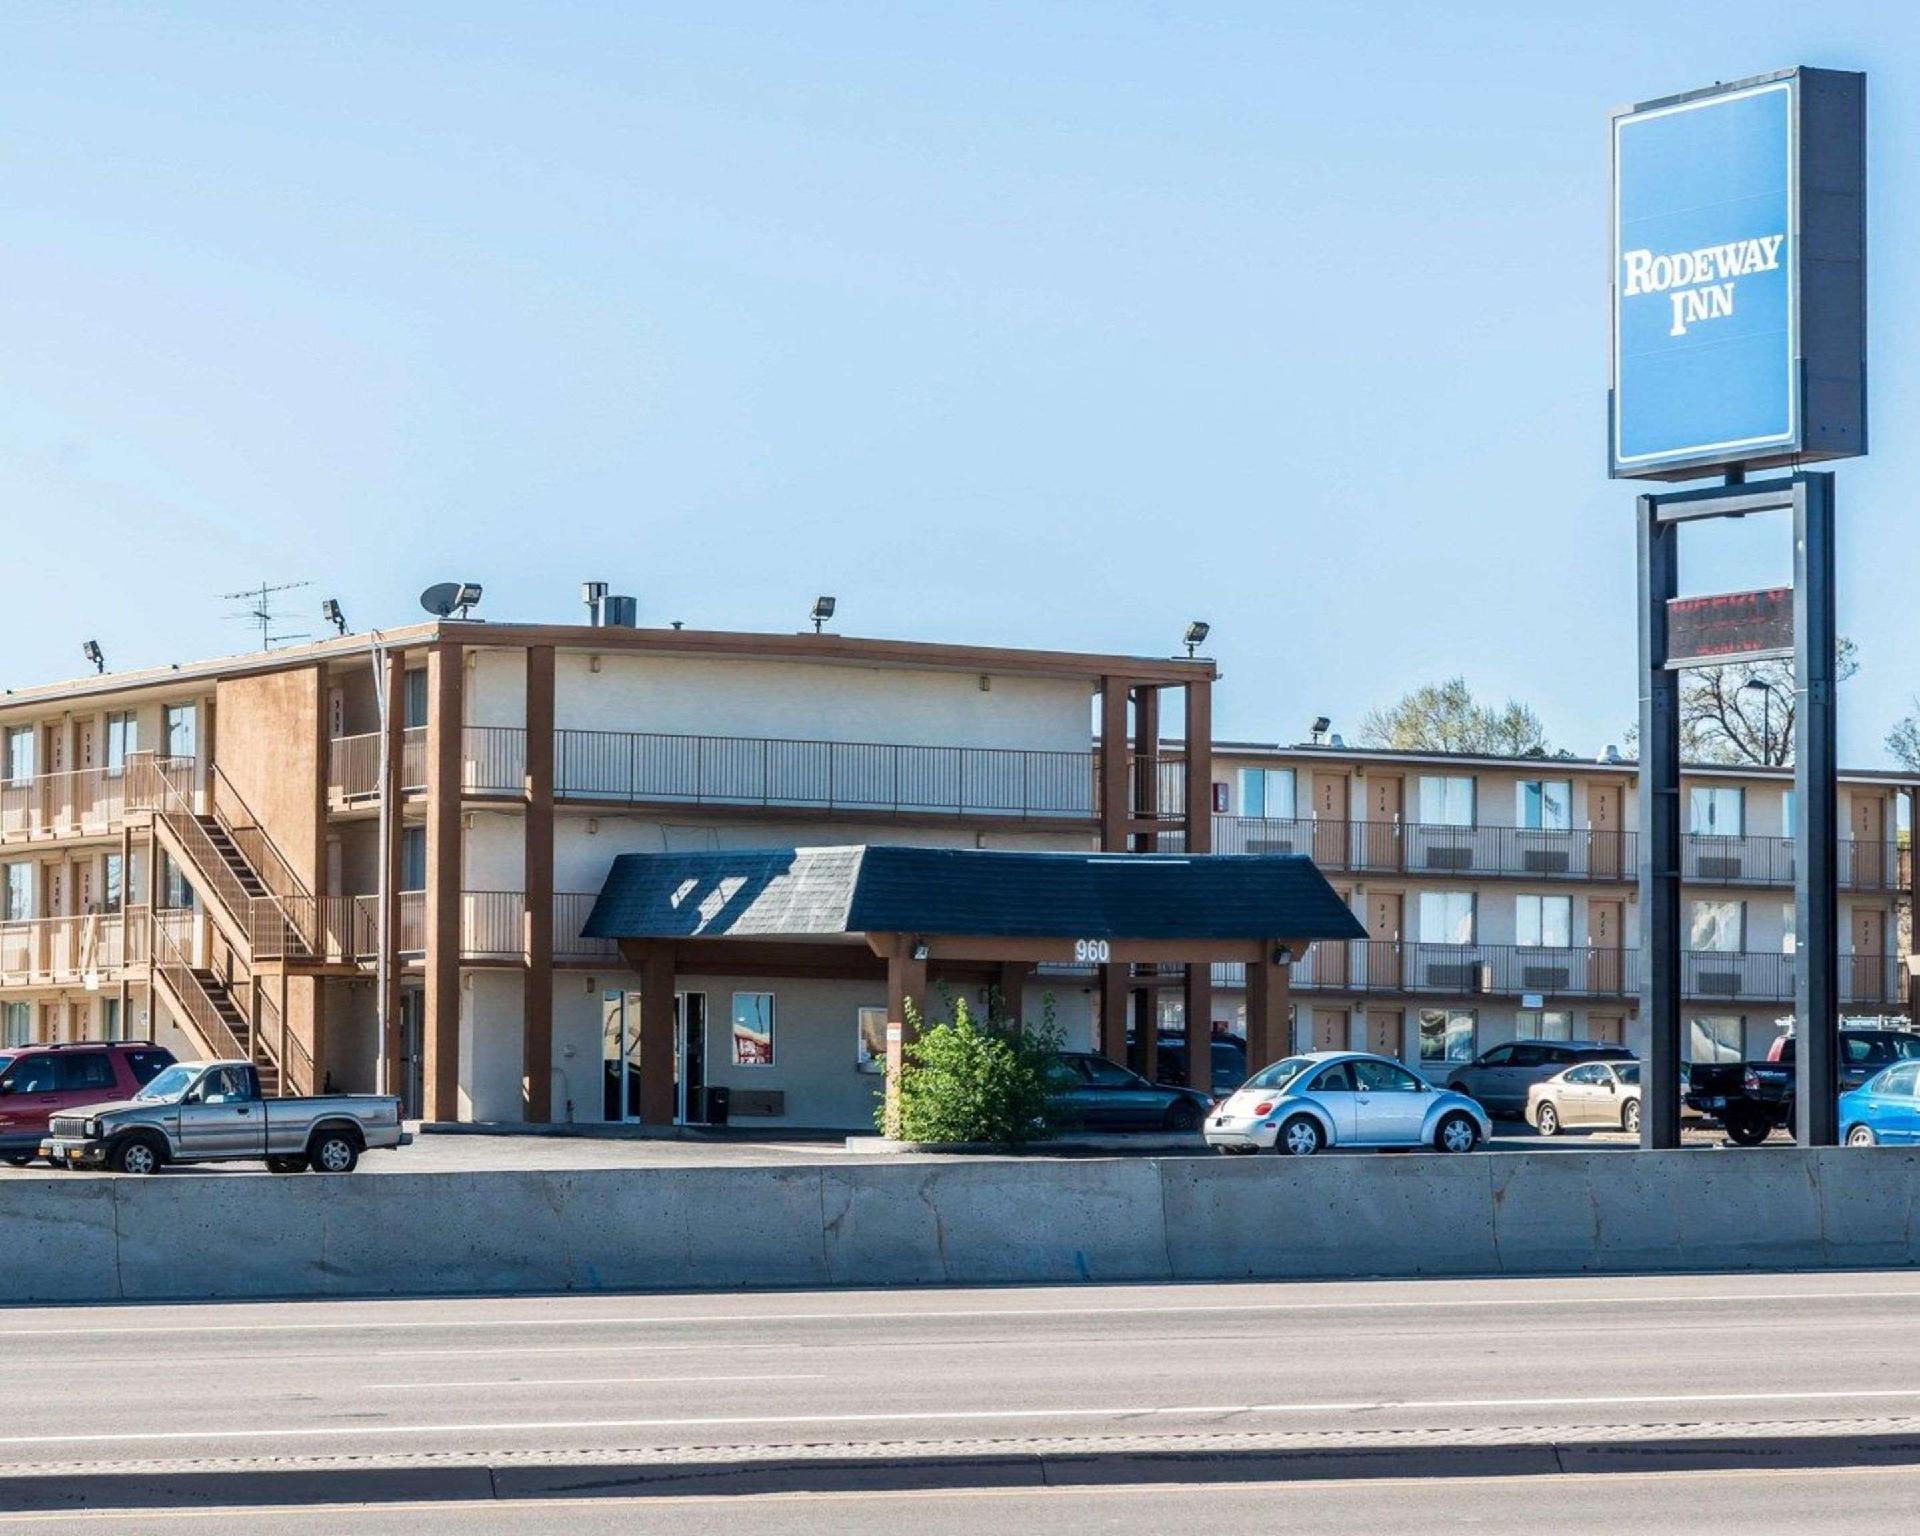 Rodeway Inn Pueblo Pueblo (CO) United States